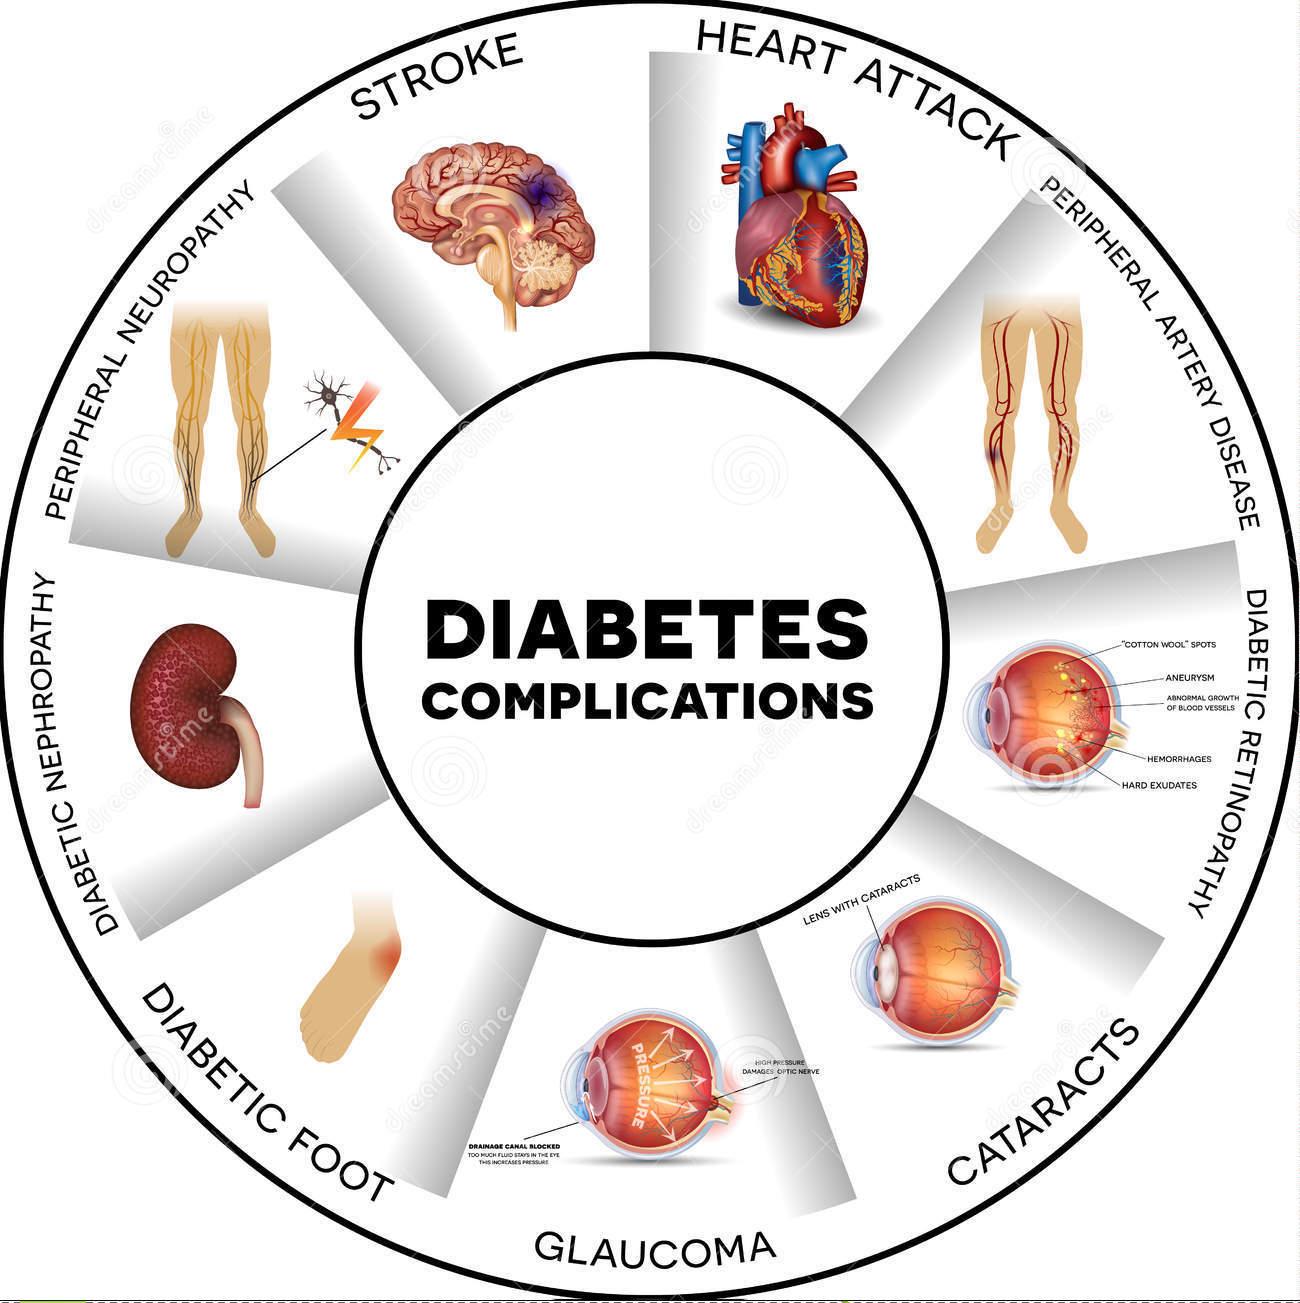 Dangerous complications of Diabetes